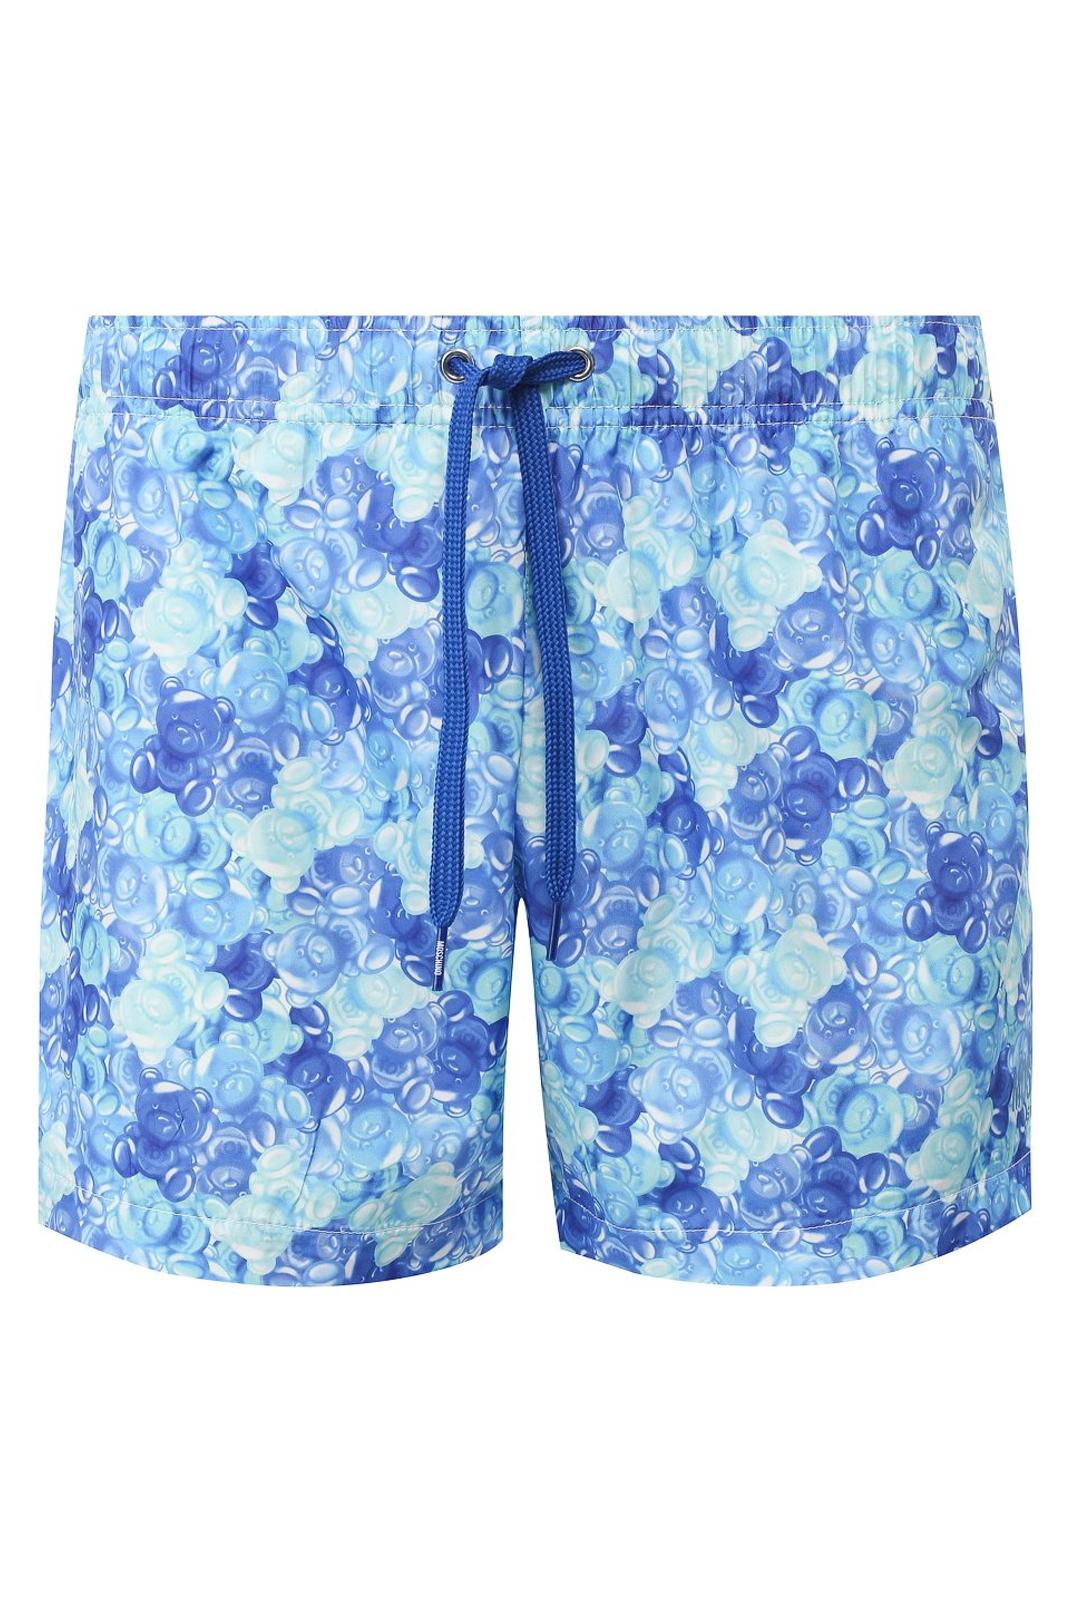 Shorts de bain  Moschino A6133 1278 BLEU